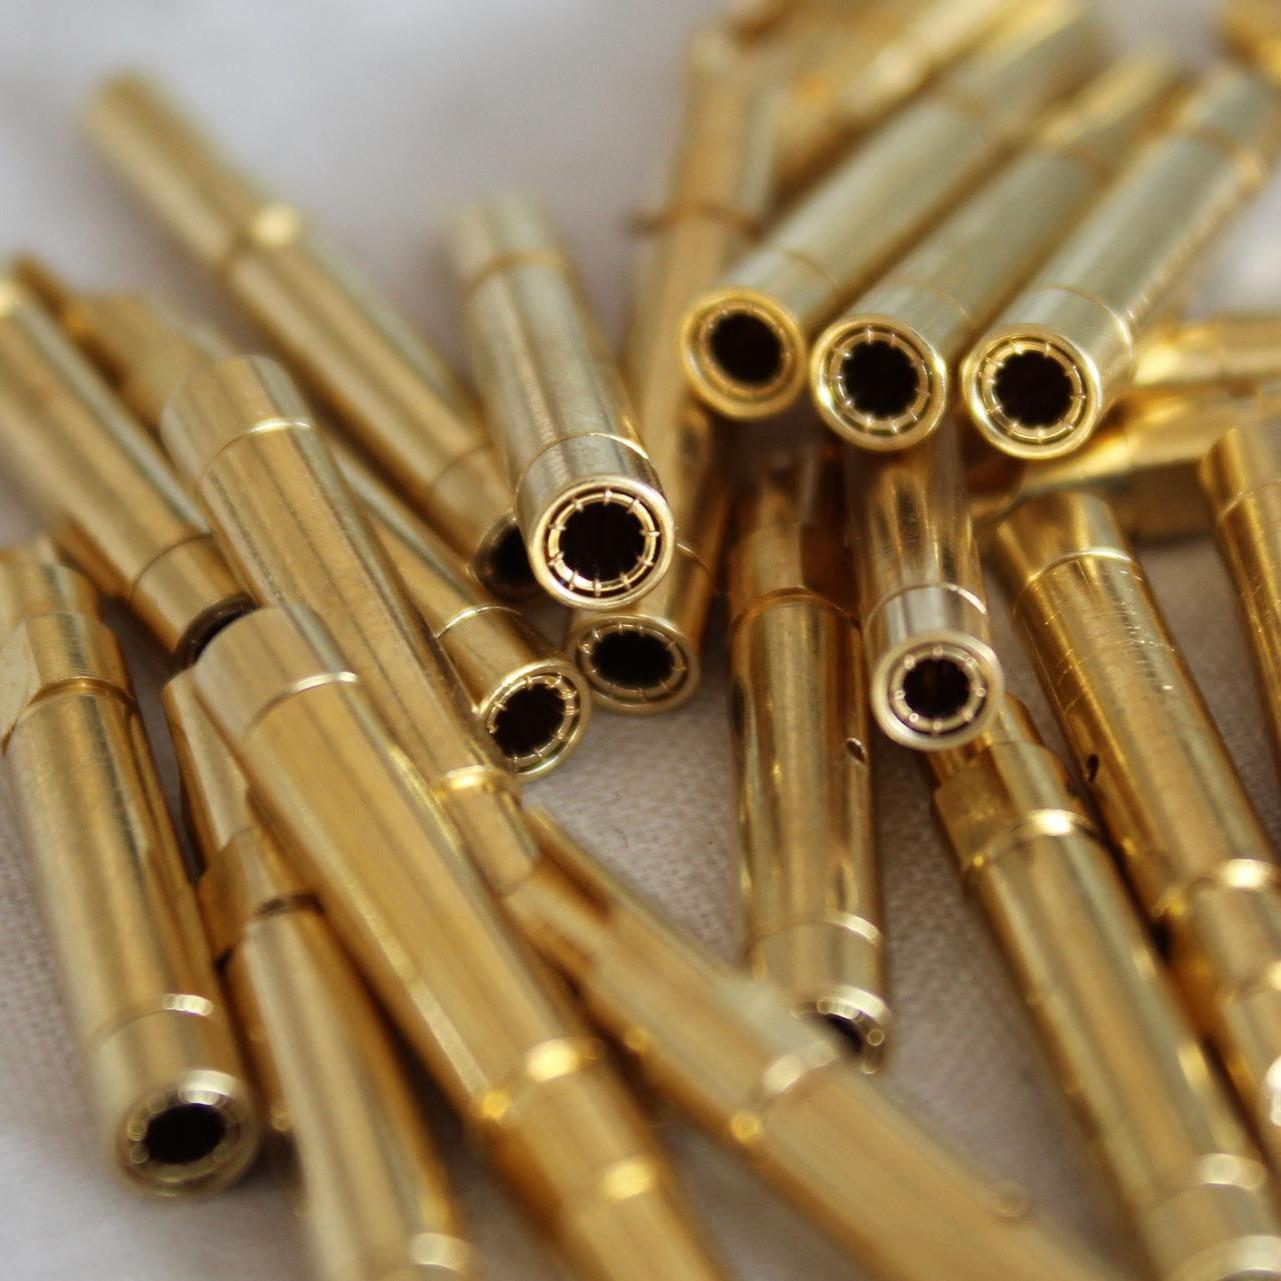 工業連接器 線簧插孔   可插拔5000次以上 東普電子廠家批發